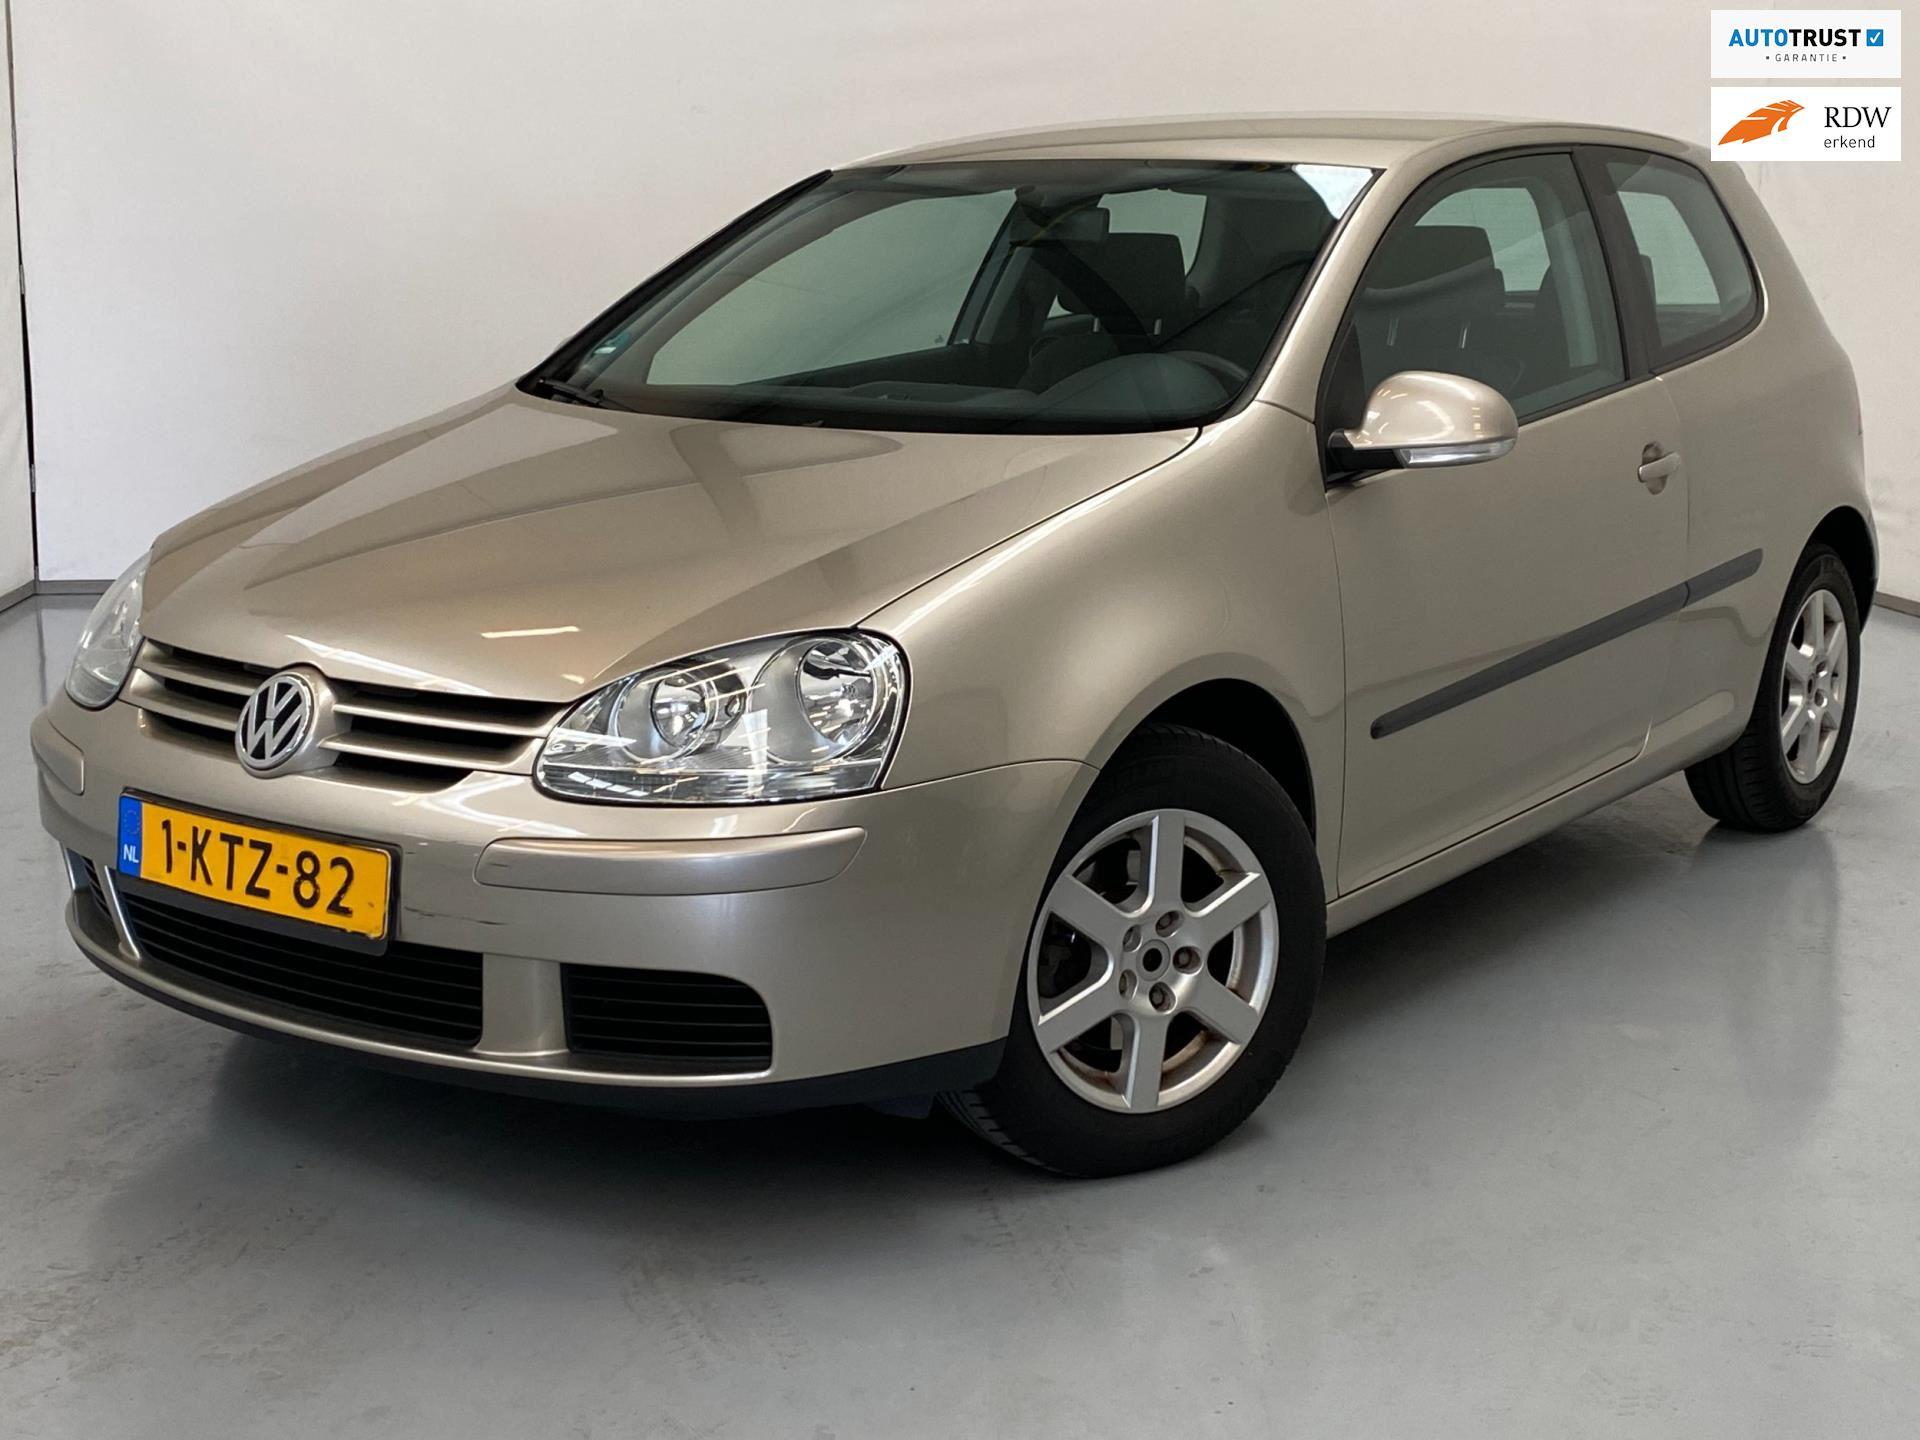 Volkswagen Golf occasion - Van den Brink Auto's